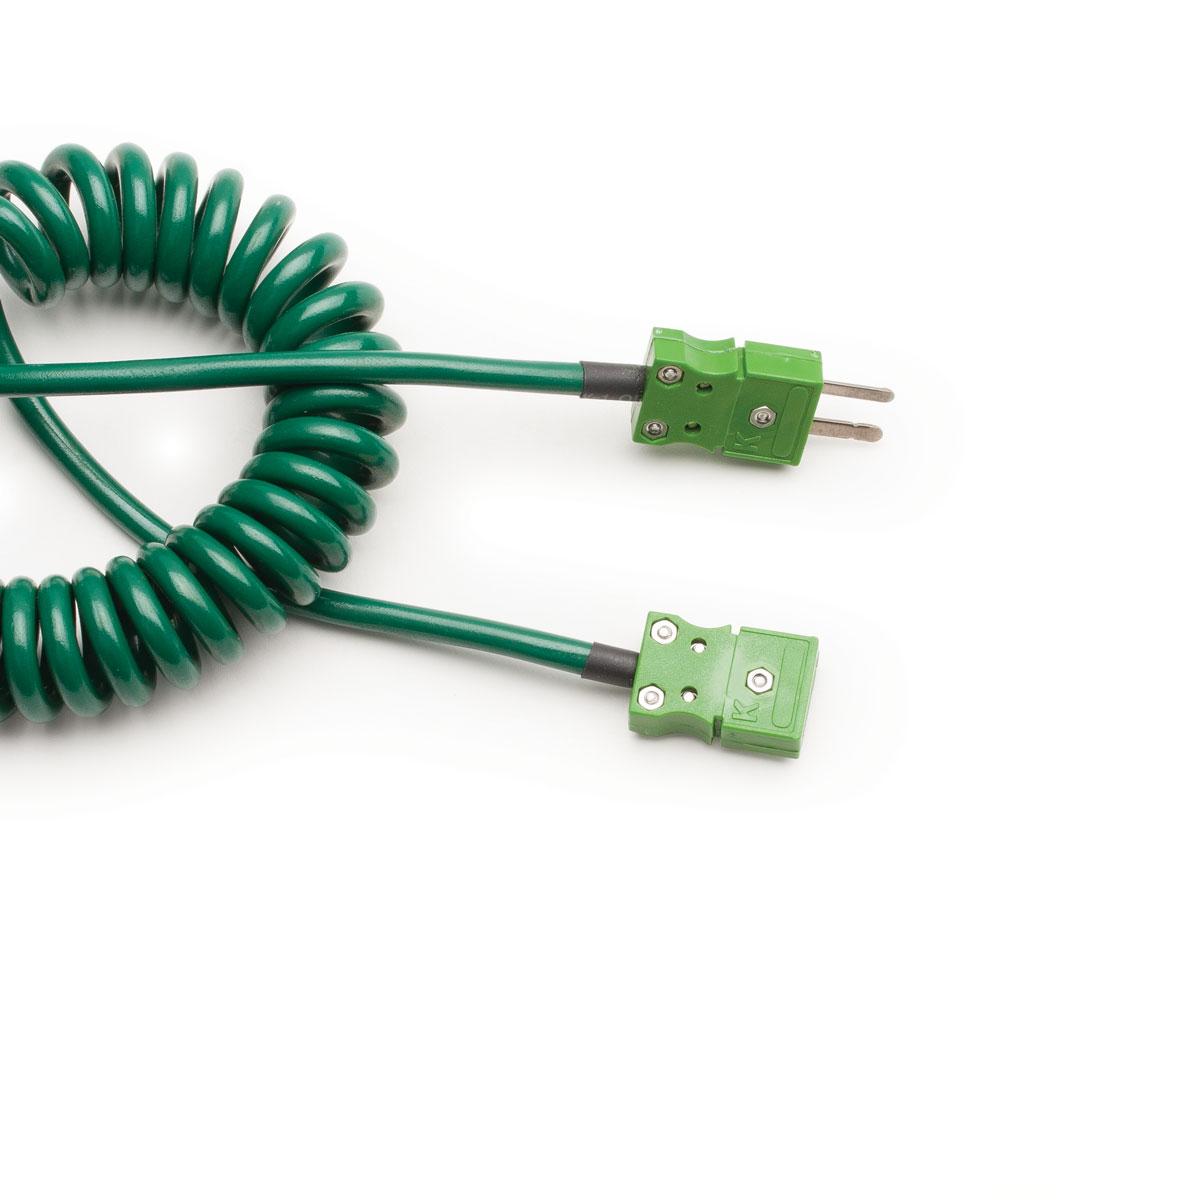 Cable de Extensión para Sondas de Termopar - HI766EX